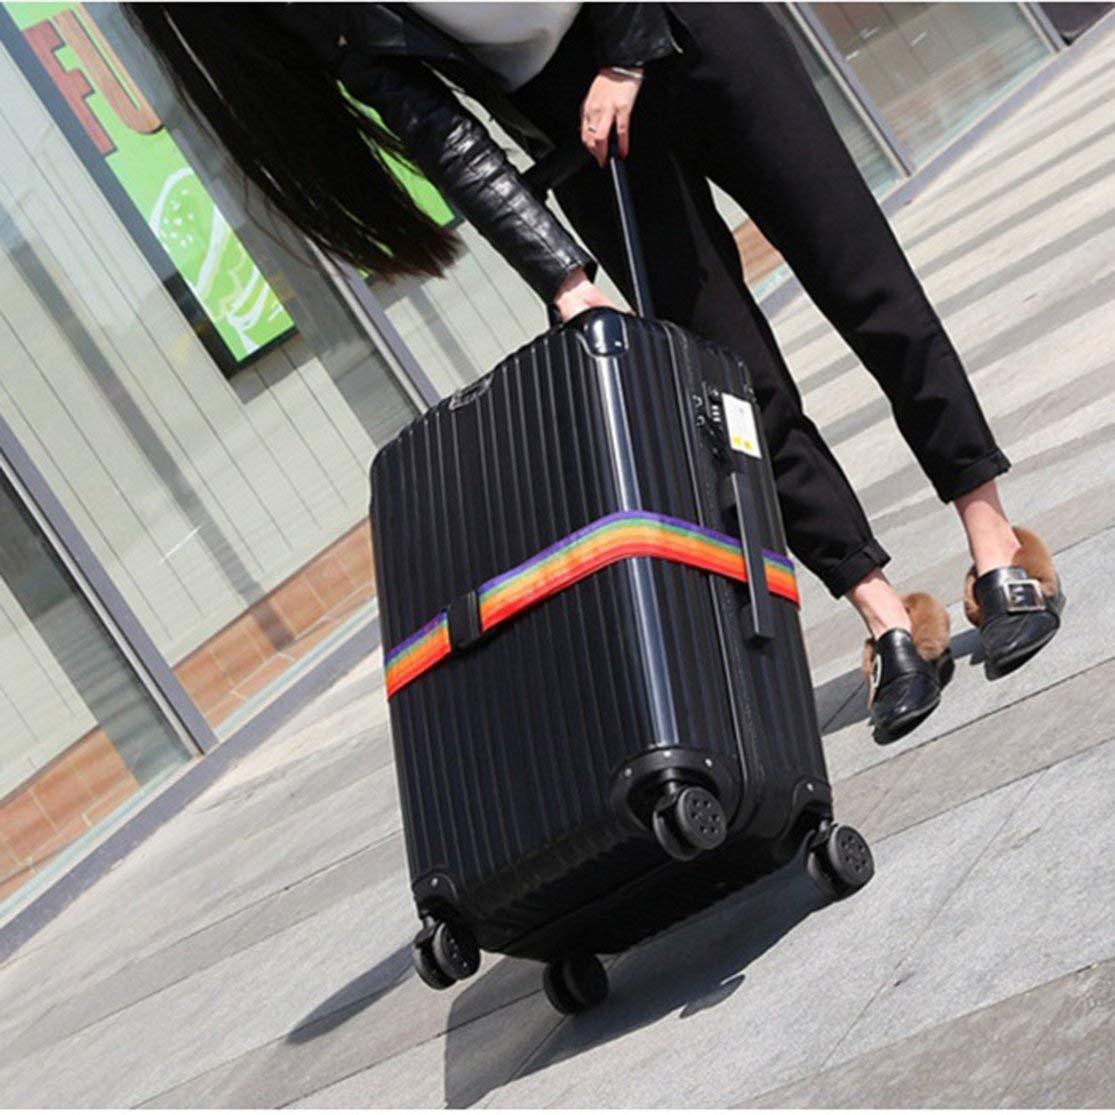 LouiseEvel215 Pratique Portable Taille en Plein Air Voyage Bagages Ceinture Sangle demballage Valise Attachez Ceinture De S/écurit/é Ceinture De S/écurit/é